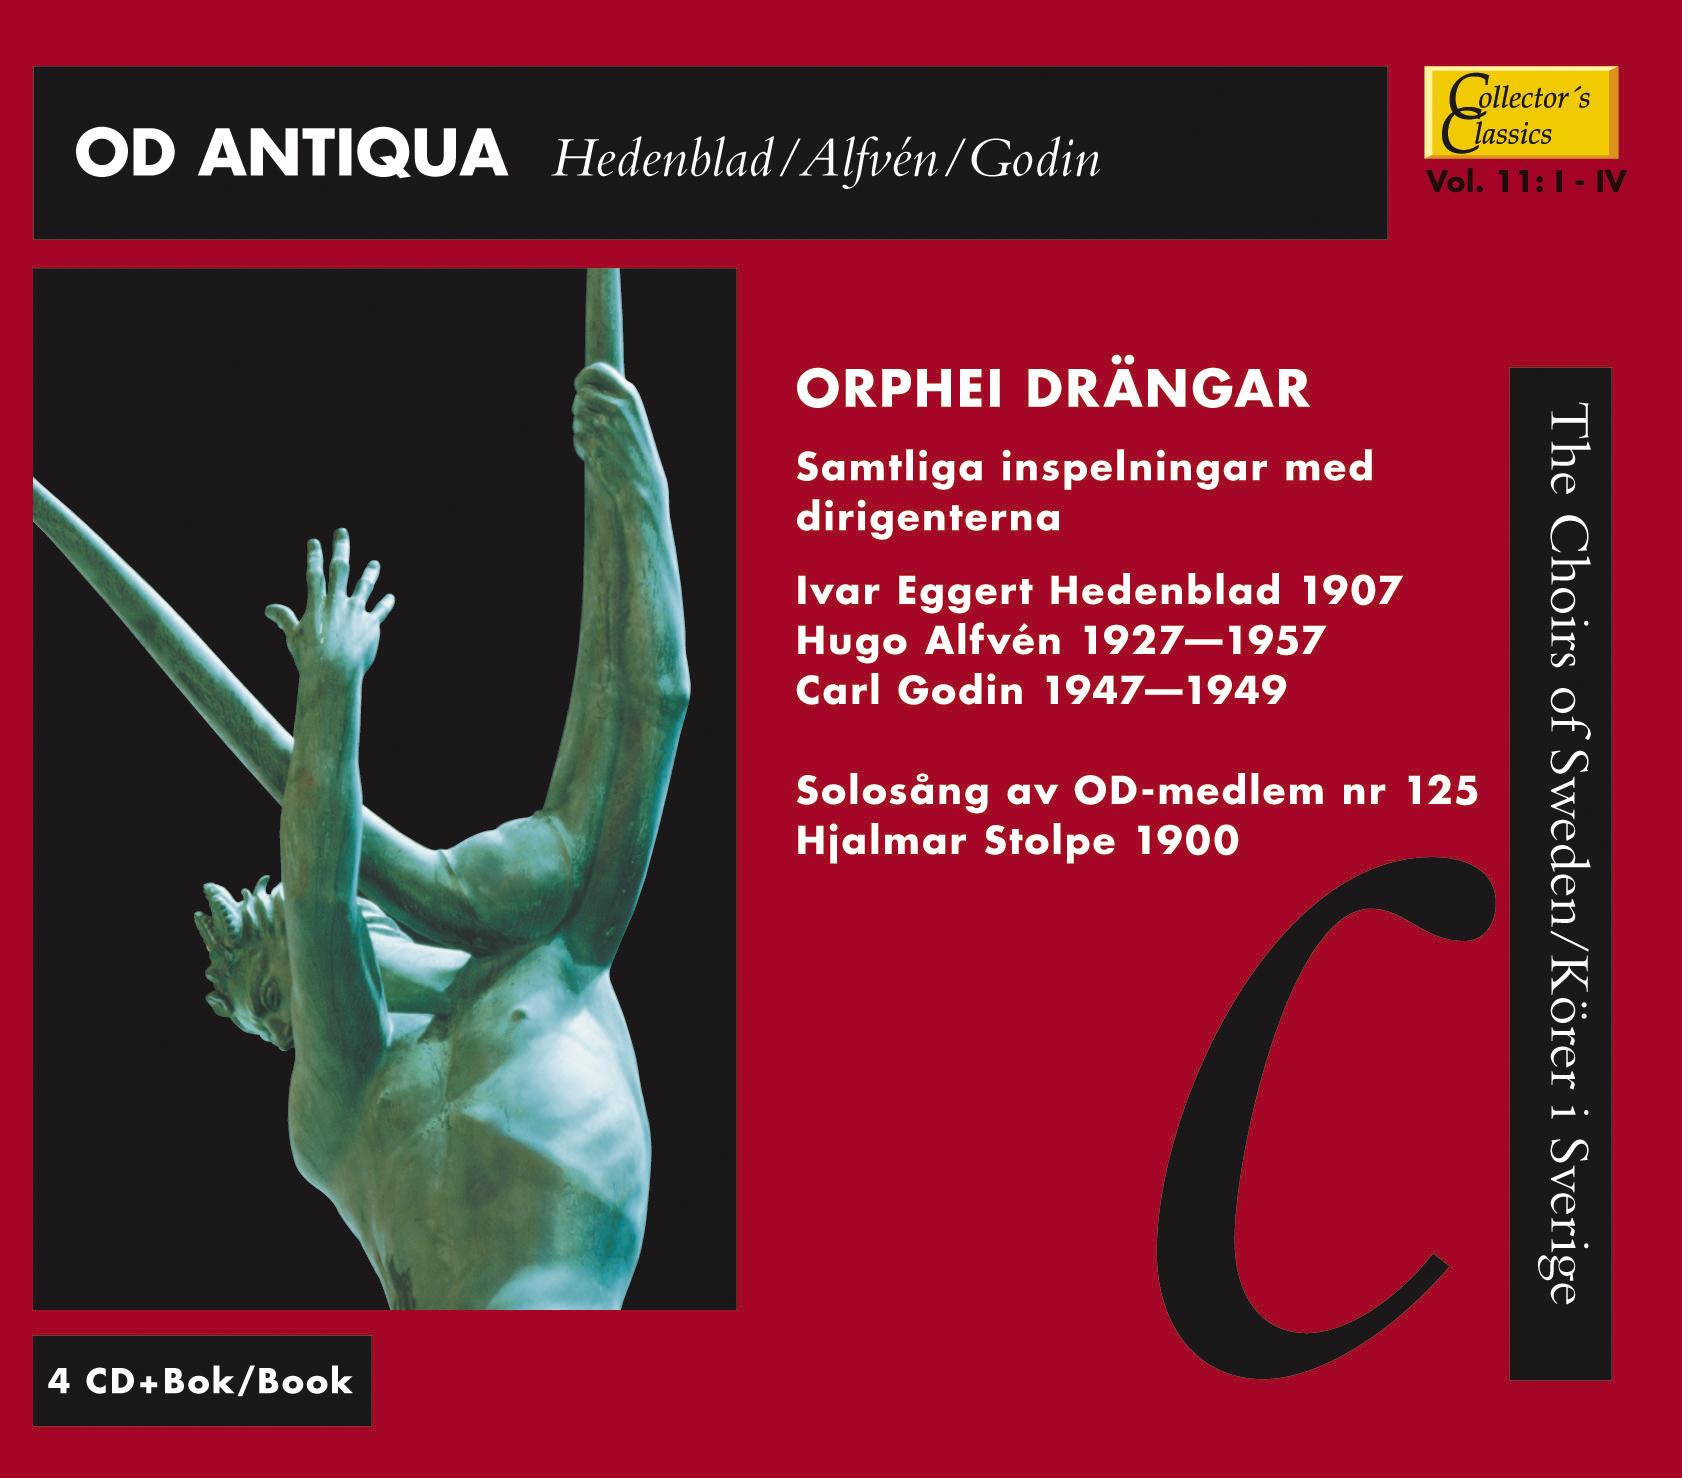 OD Antiqua vol. 11